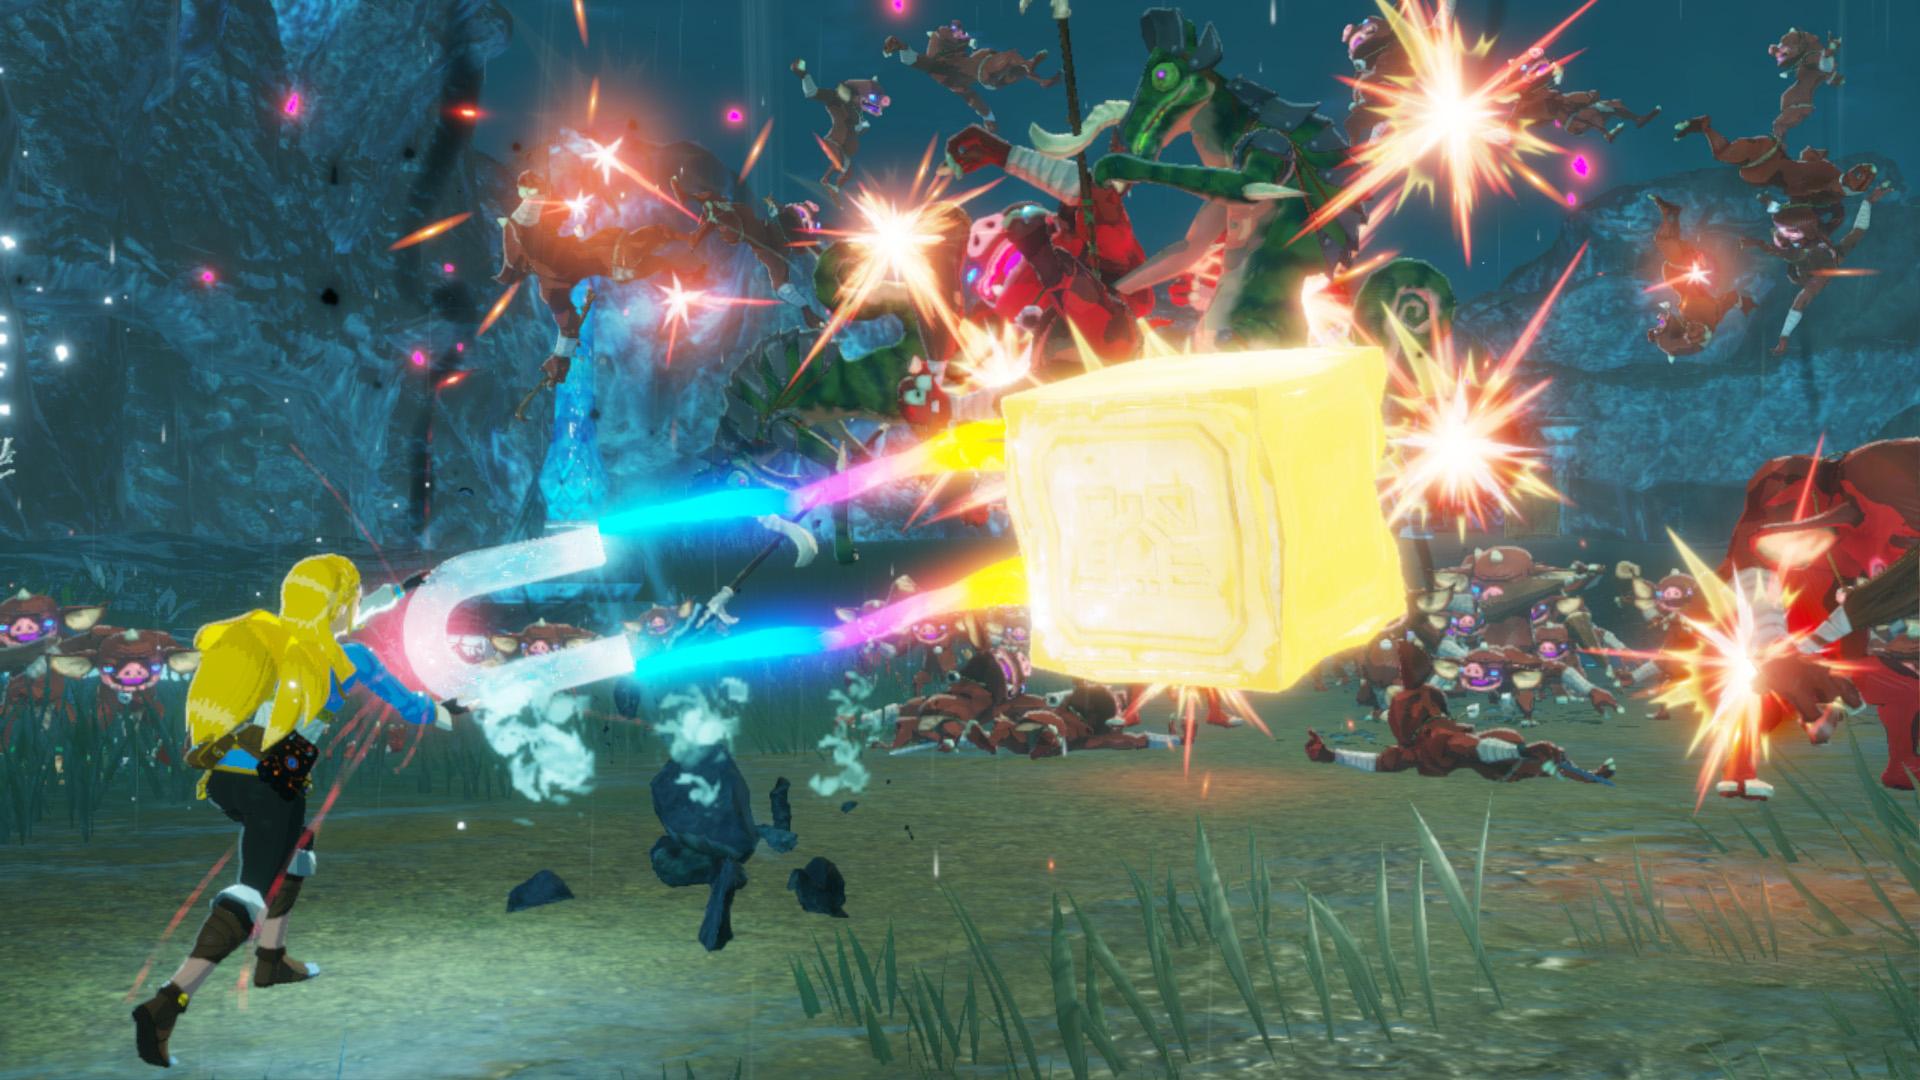 Zelda kämpft mit den Kräften der Wissenschaft gegen die zahlreichen Monster.